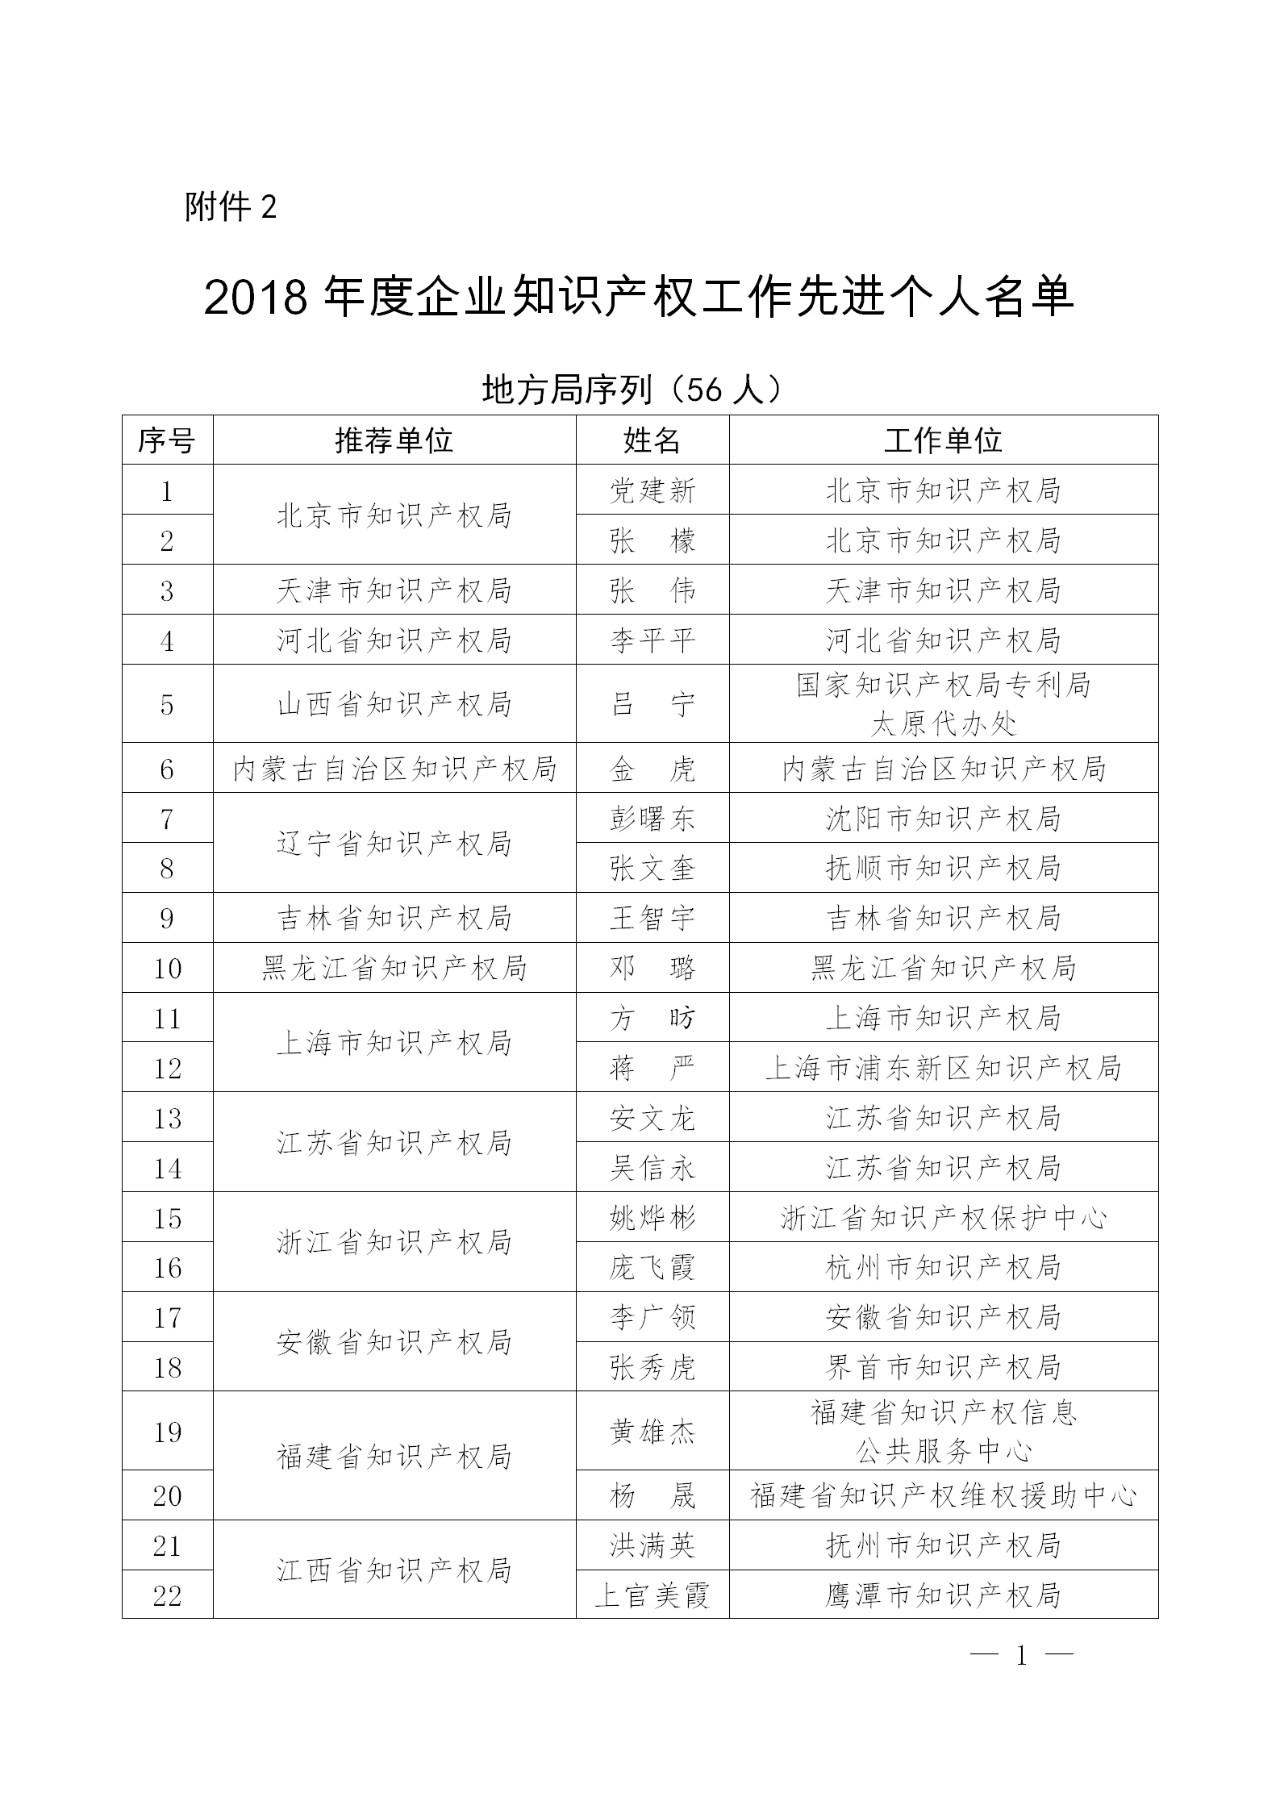 刚刚!国知局发布2018年企业知识产权工作先进集体及个人名单